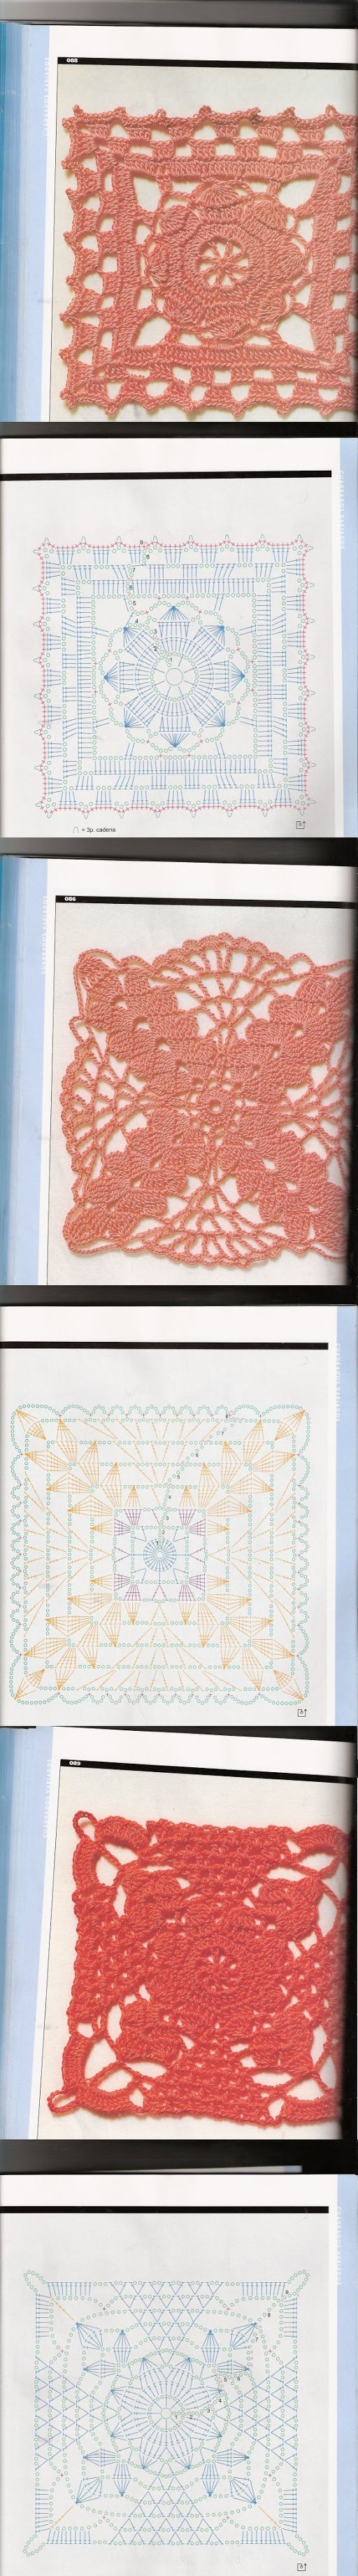 Granny Square häkeln - crochet ♥ | Häkeln Granny Square crochet ...